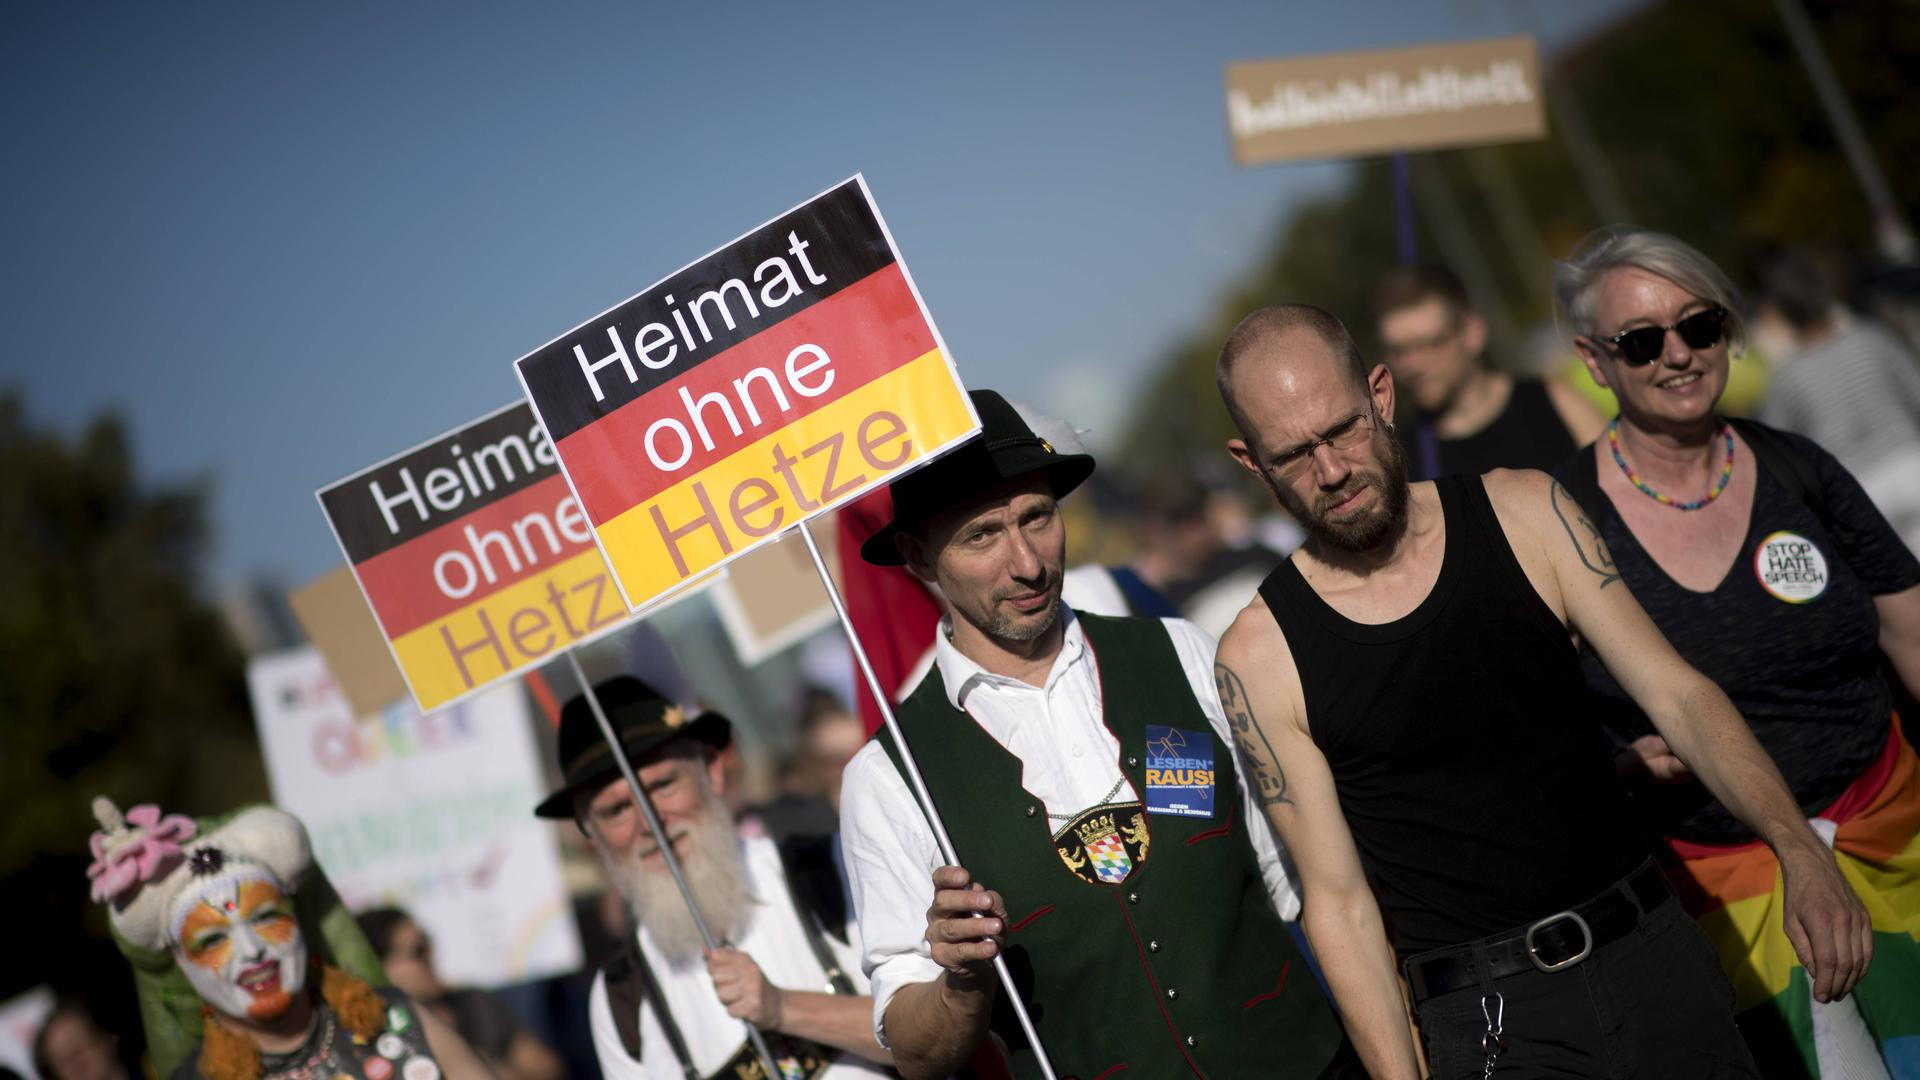 Demonstranten mit Plakaten in Schwarz-Rot-Gold, auf denen steht: Heimat Ohne Hetze.